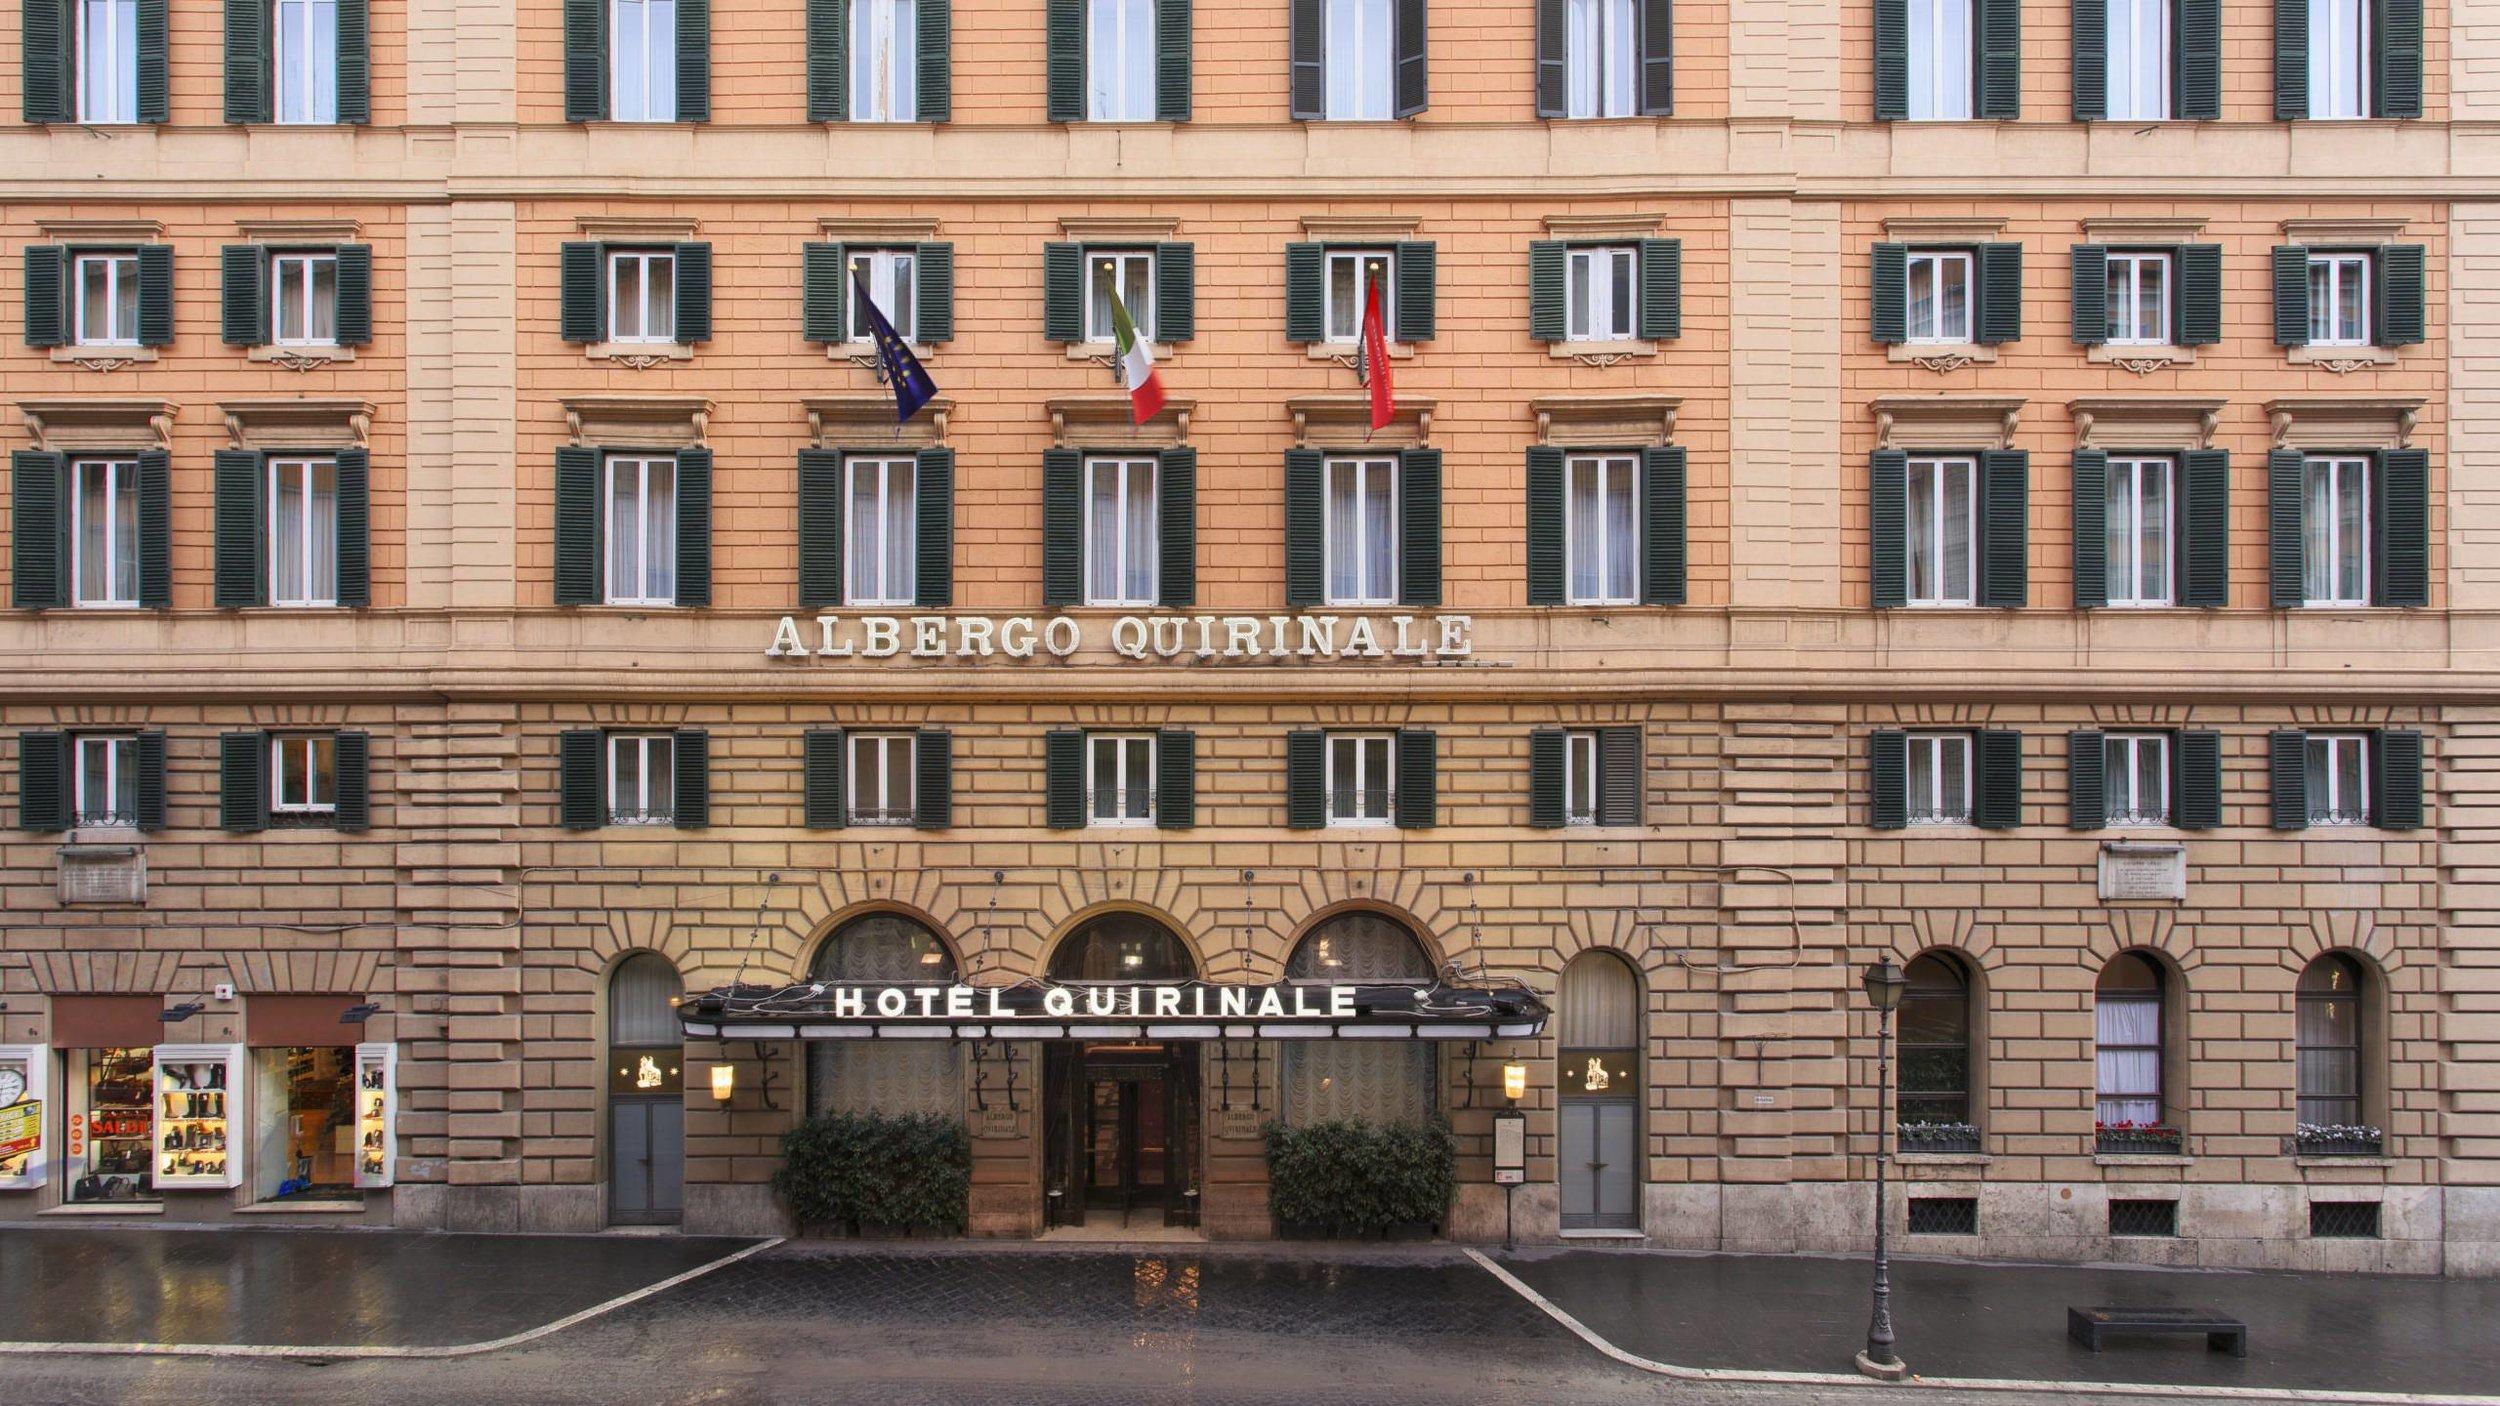 Hotel-Quirinale-Roma-ingresso2.jpg